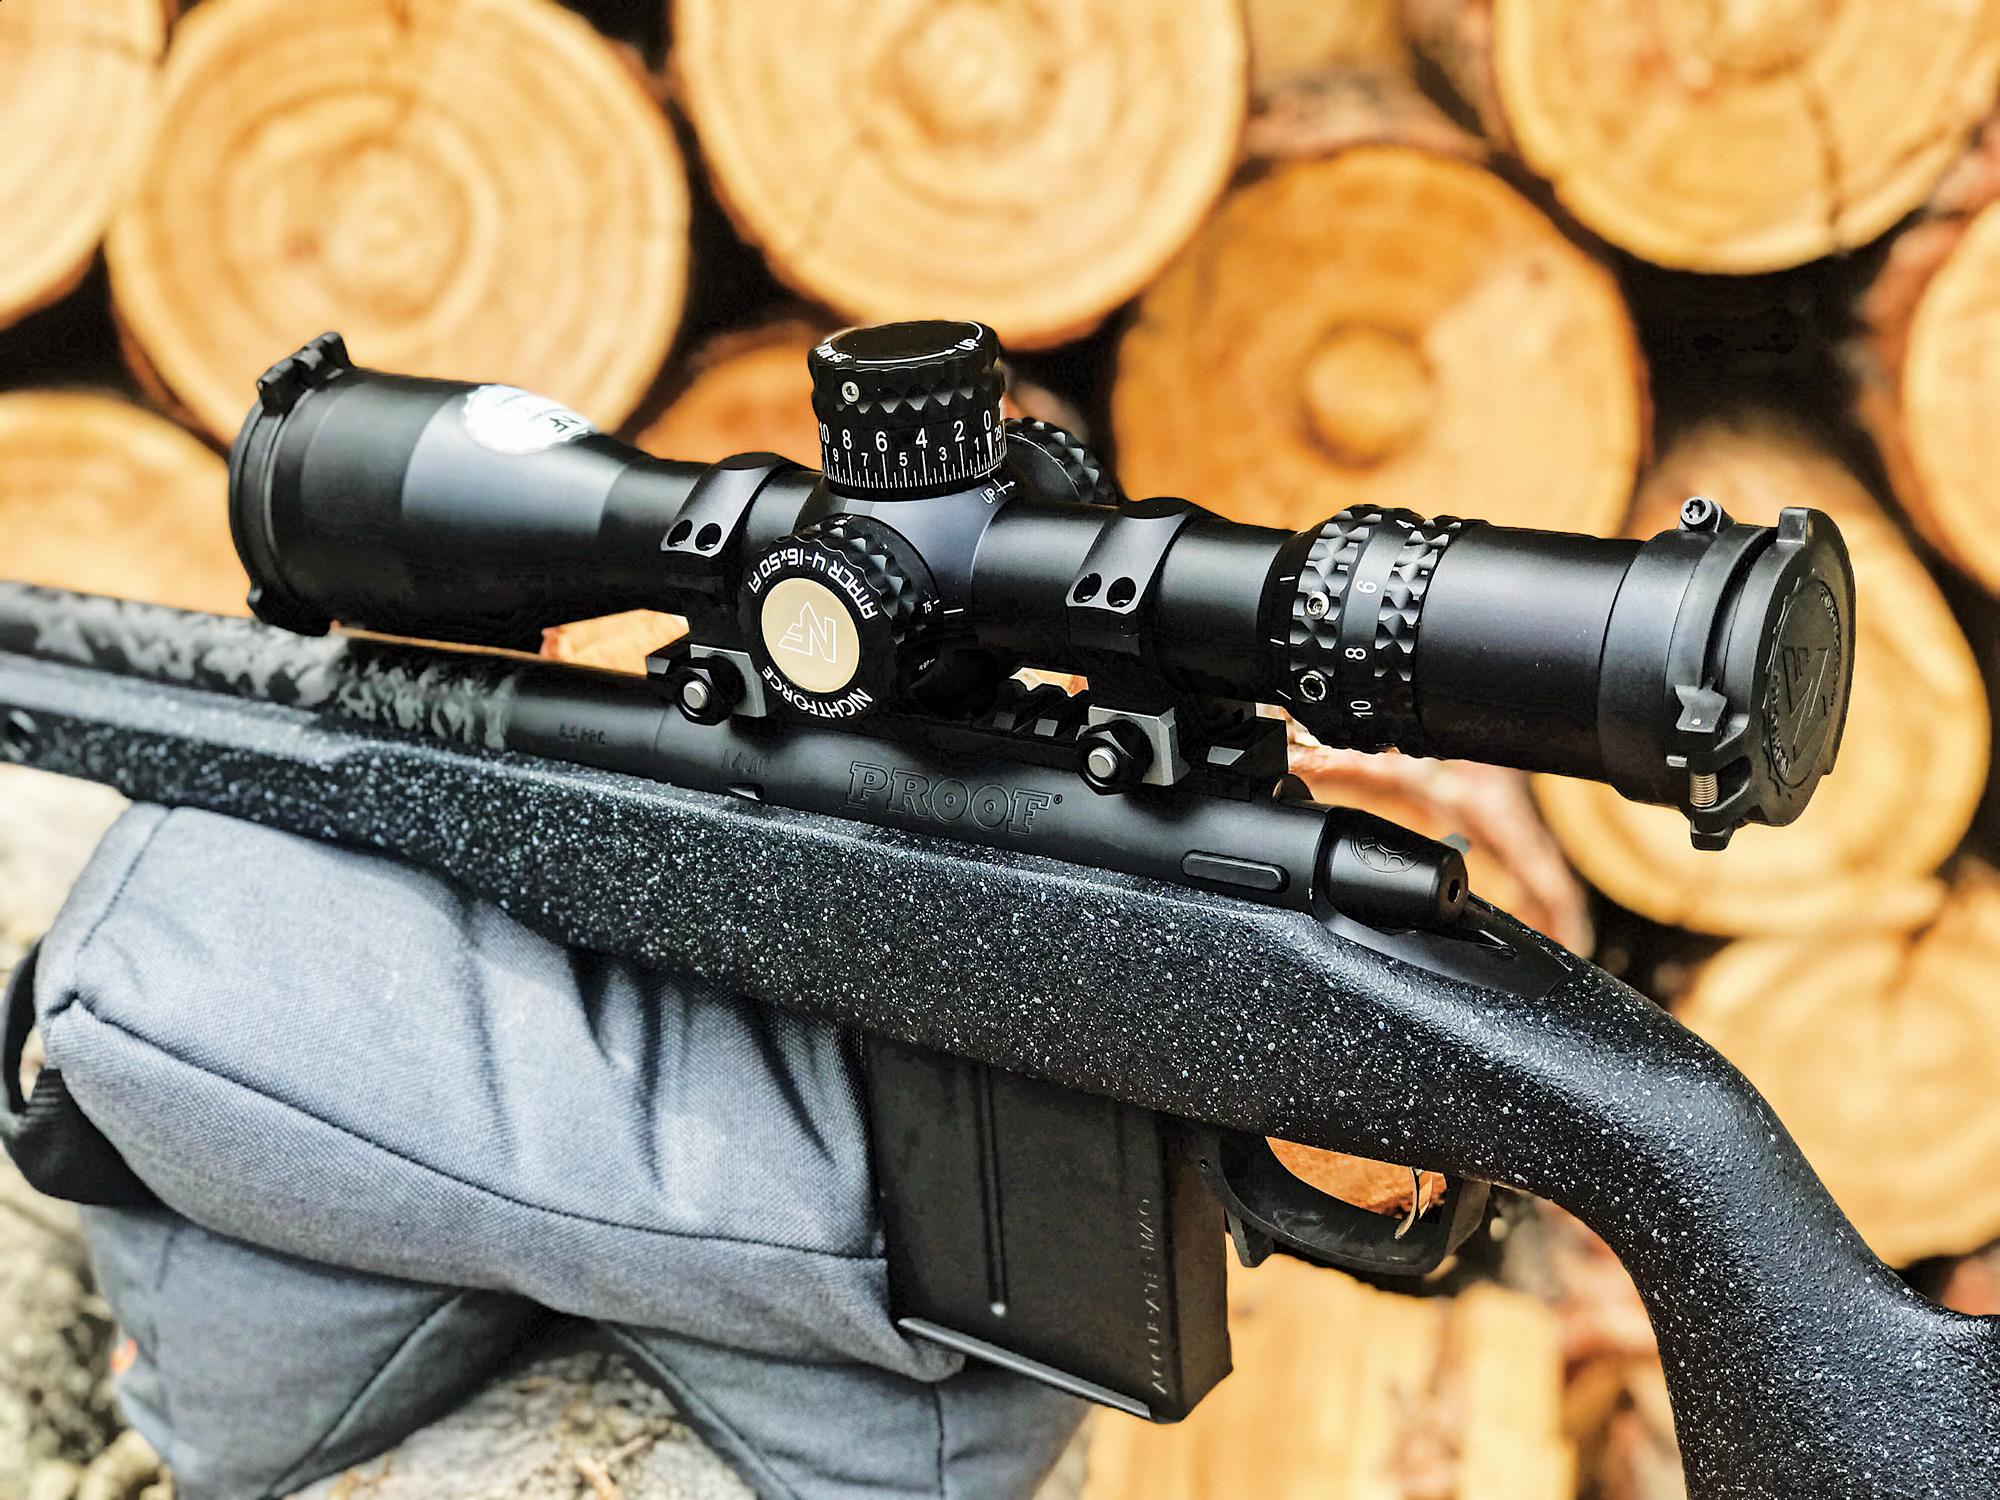 Nightforce ATACR 4-16 F1 riflescope